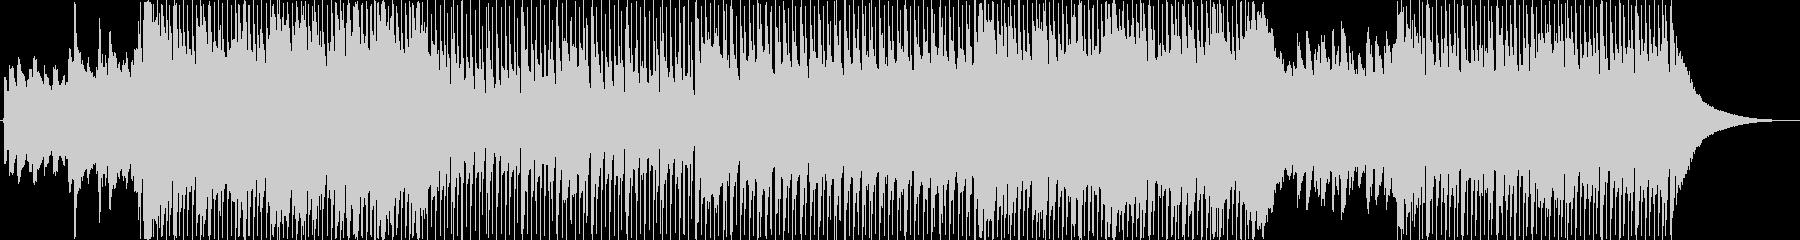 ブリットポップ、カレッジポップ感の...の未再生の波形